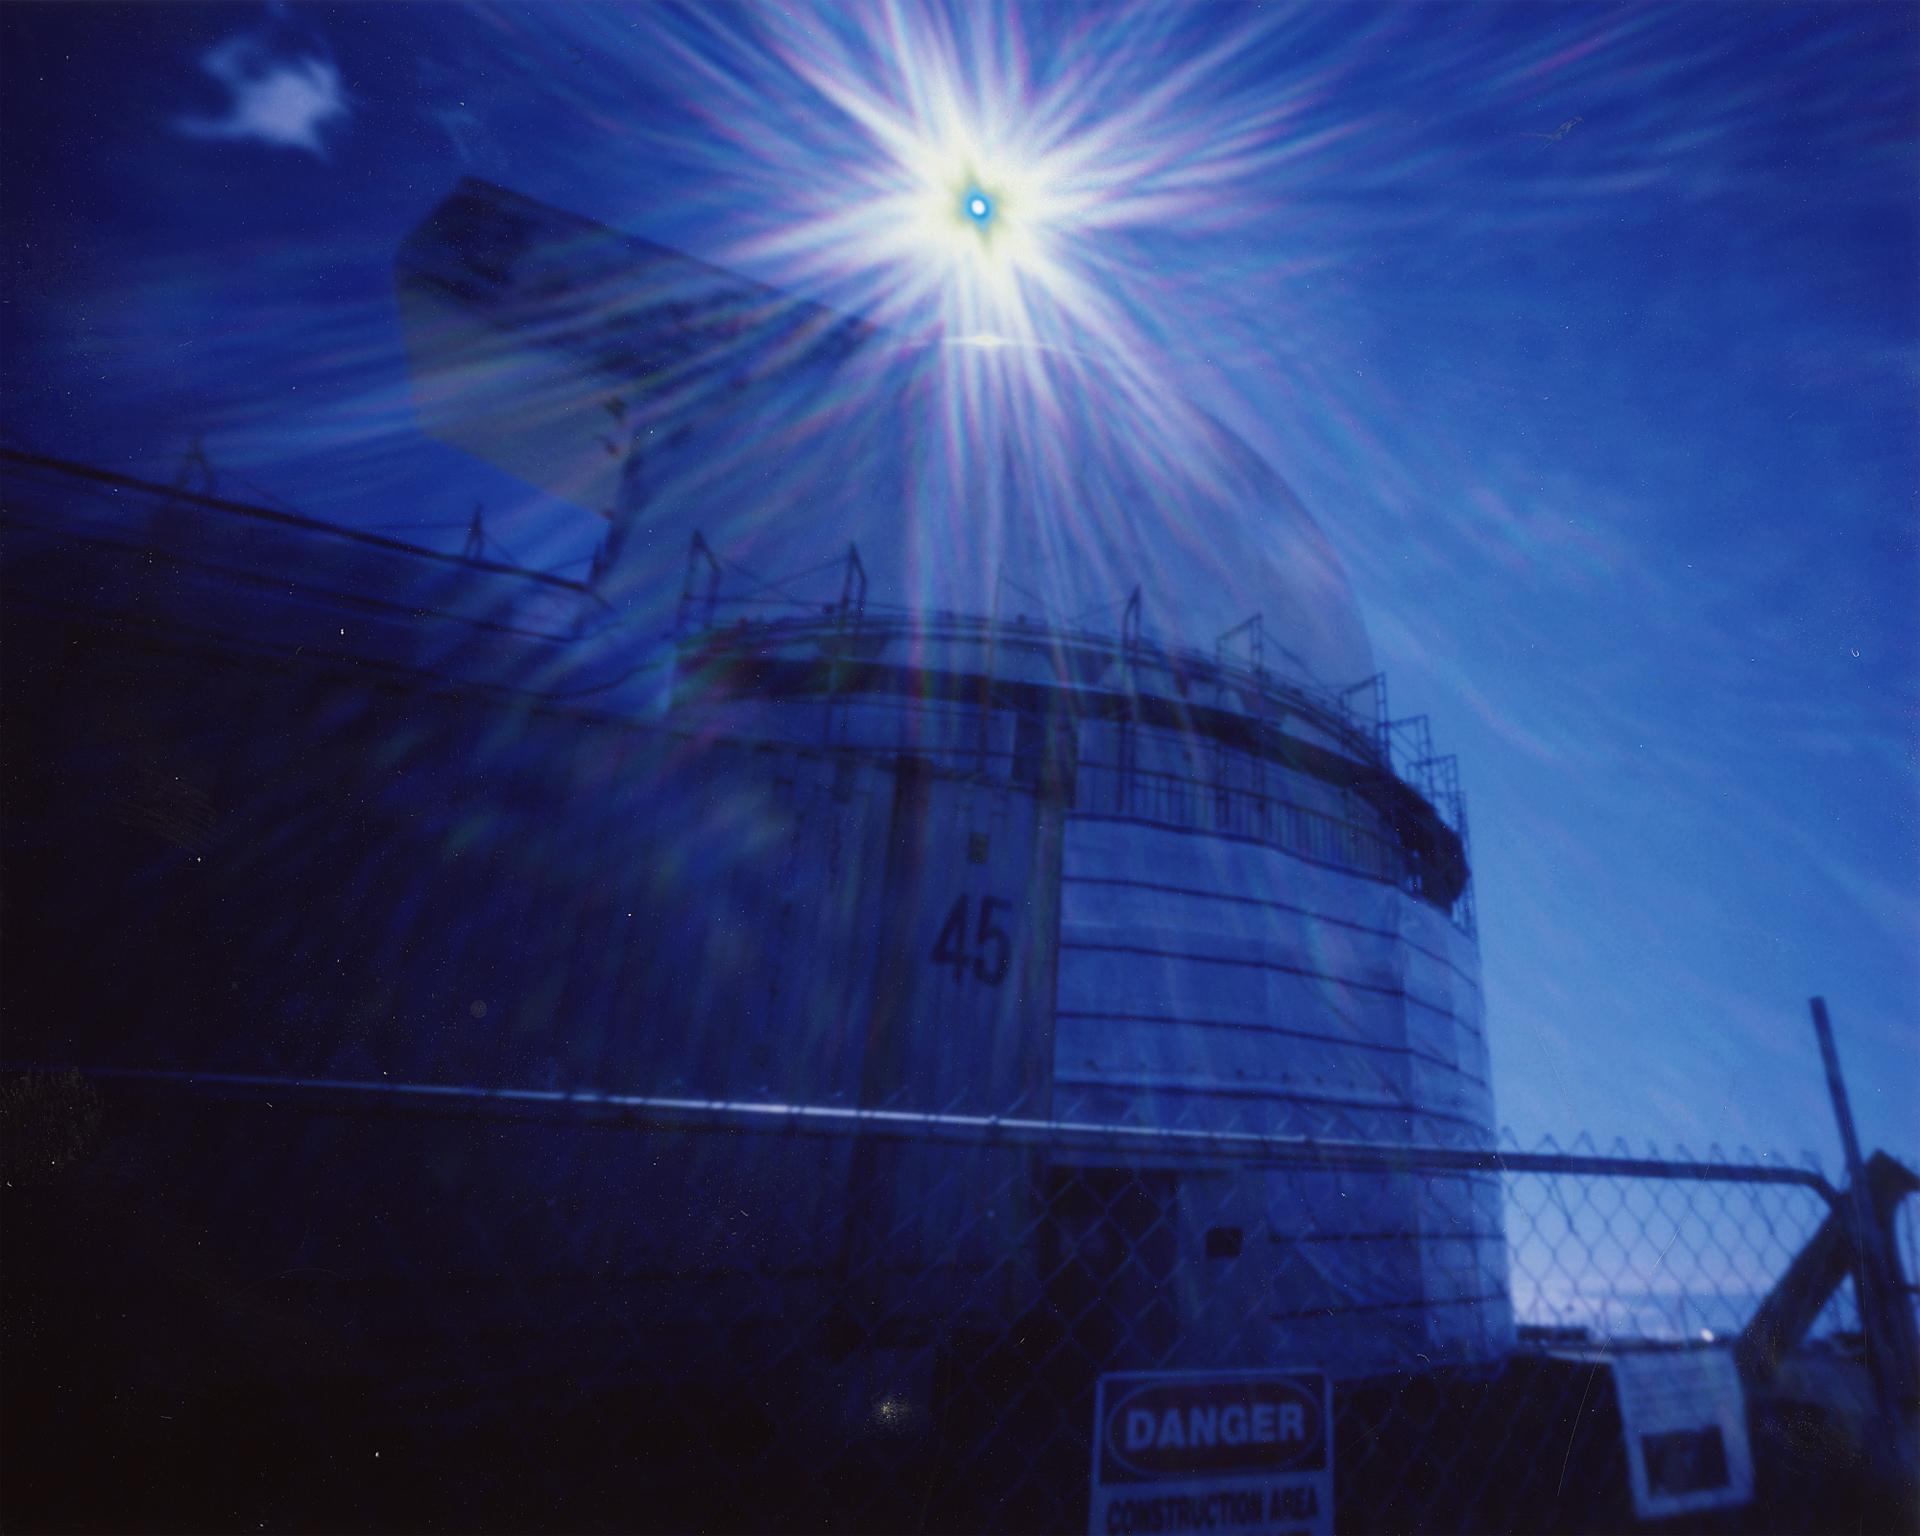 """""""UH 2.2 Meter Telescope at 970MPH"""" Fujifilm FP-100C Instant Picture, 3.25""""x4.25"""", 2017."""